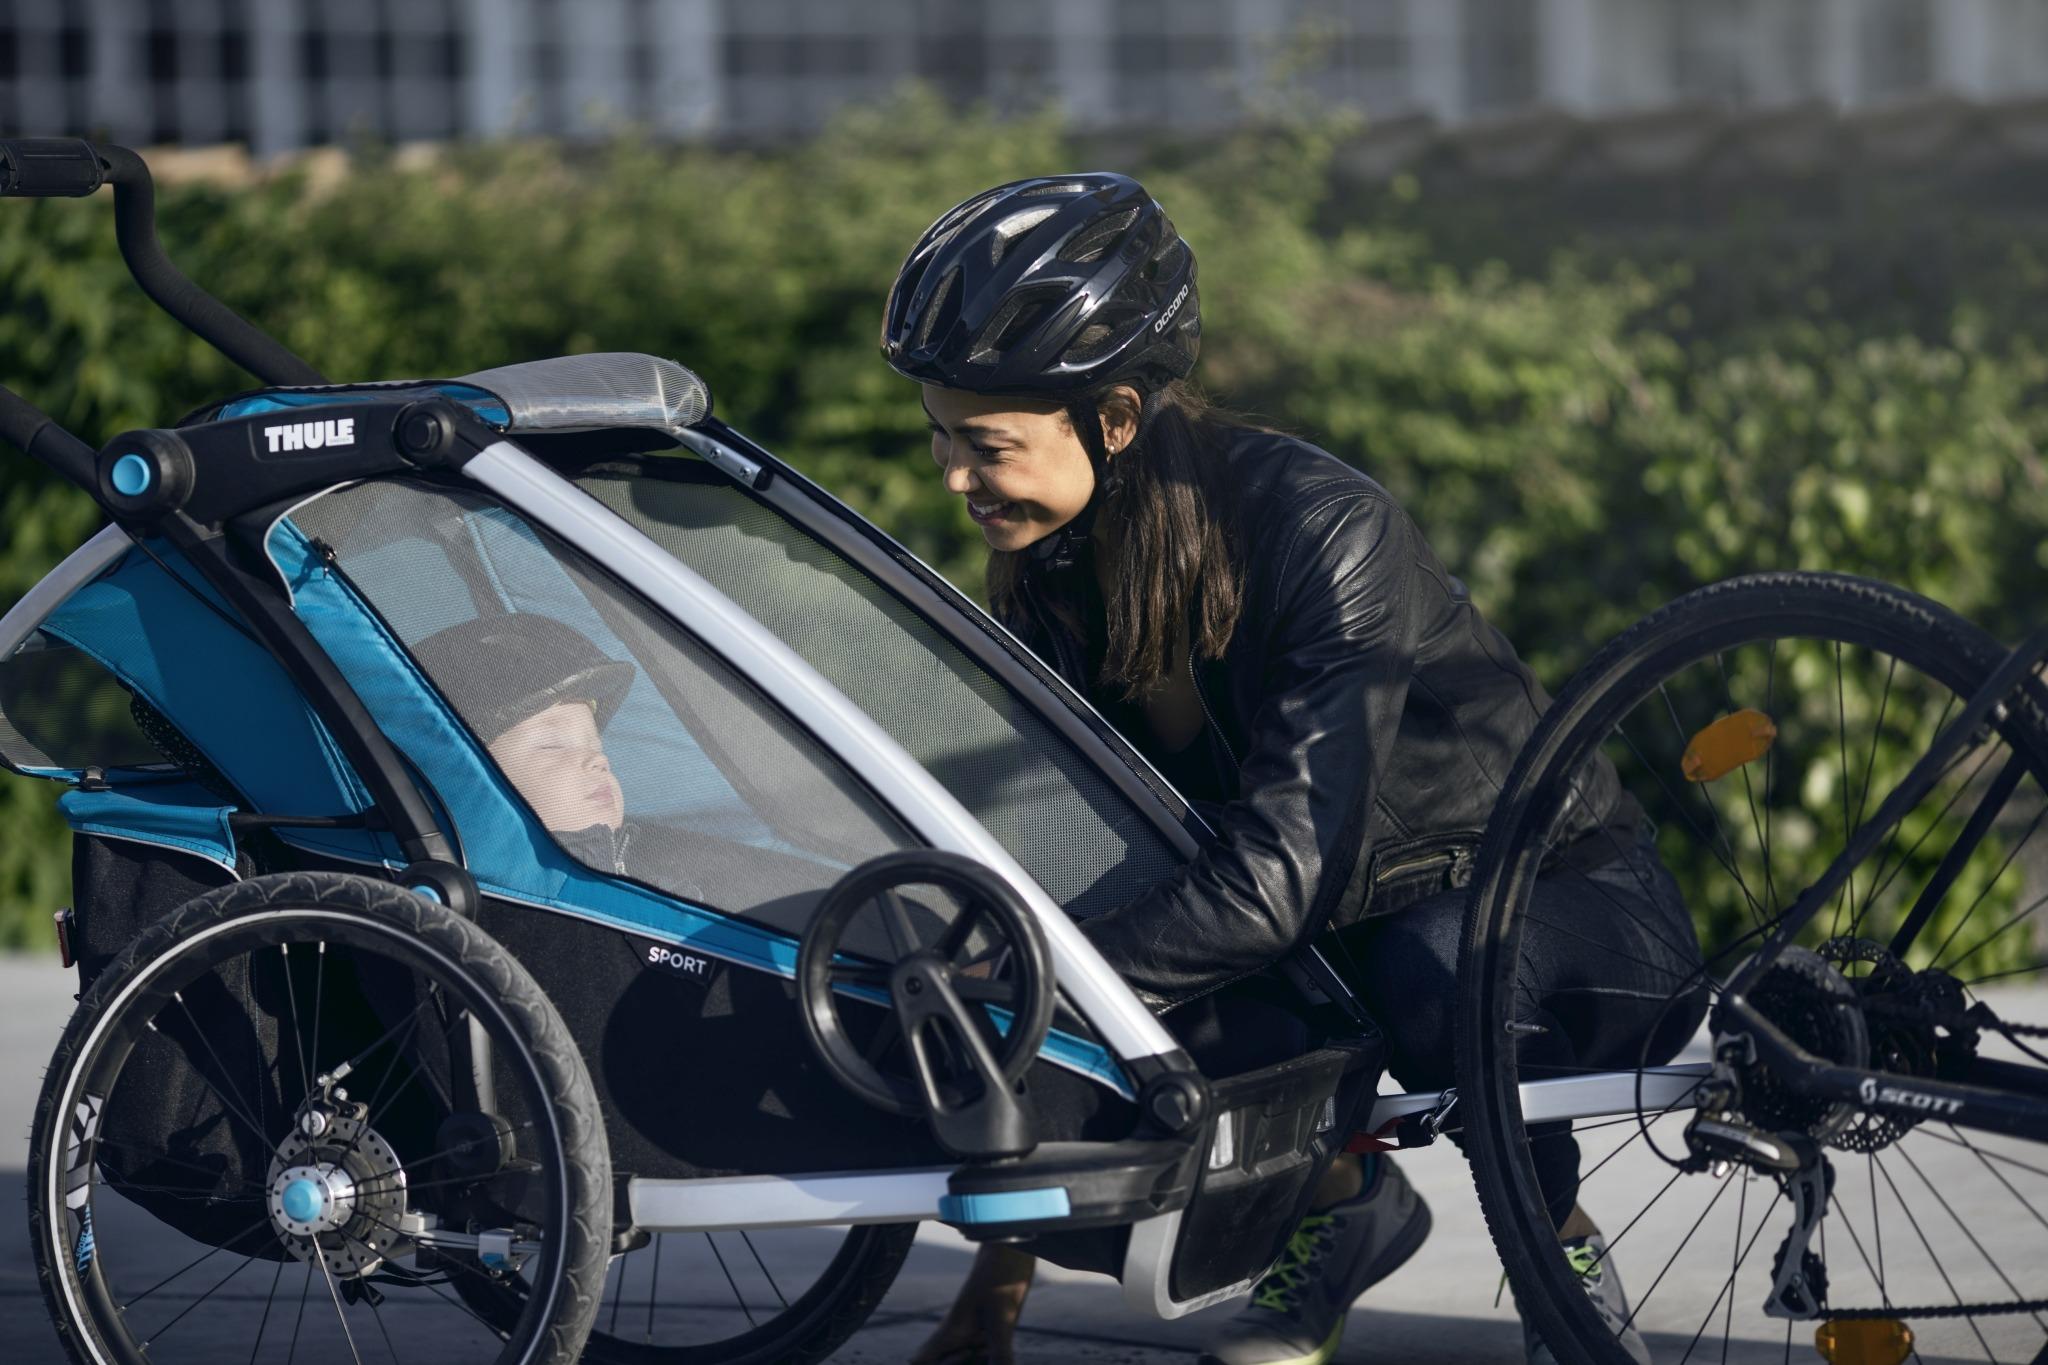 Przyczepka rowerowa dla dziecka - THULE Chariot Sport 1 - zielona/niebieska